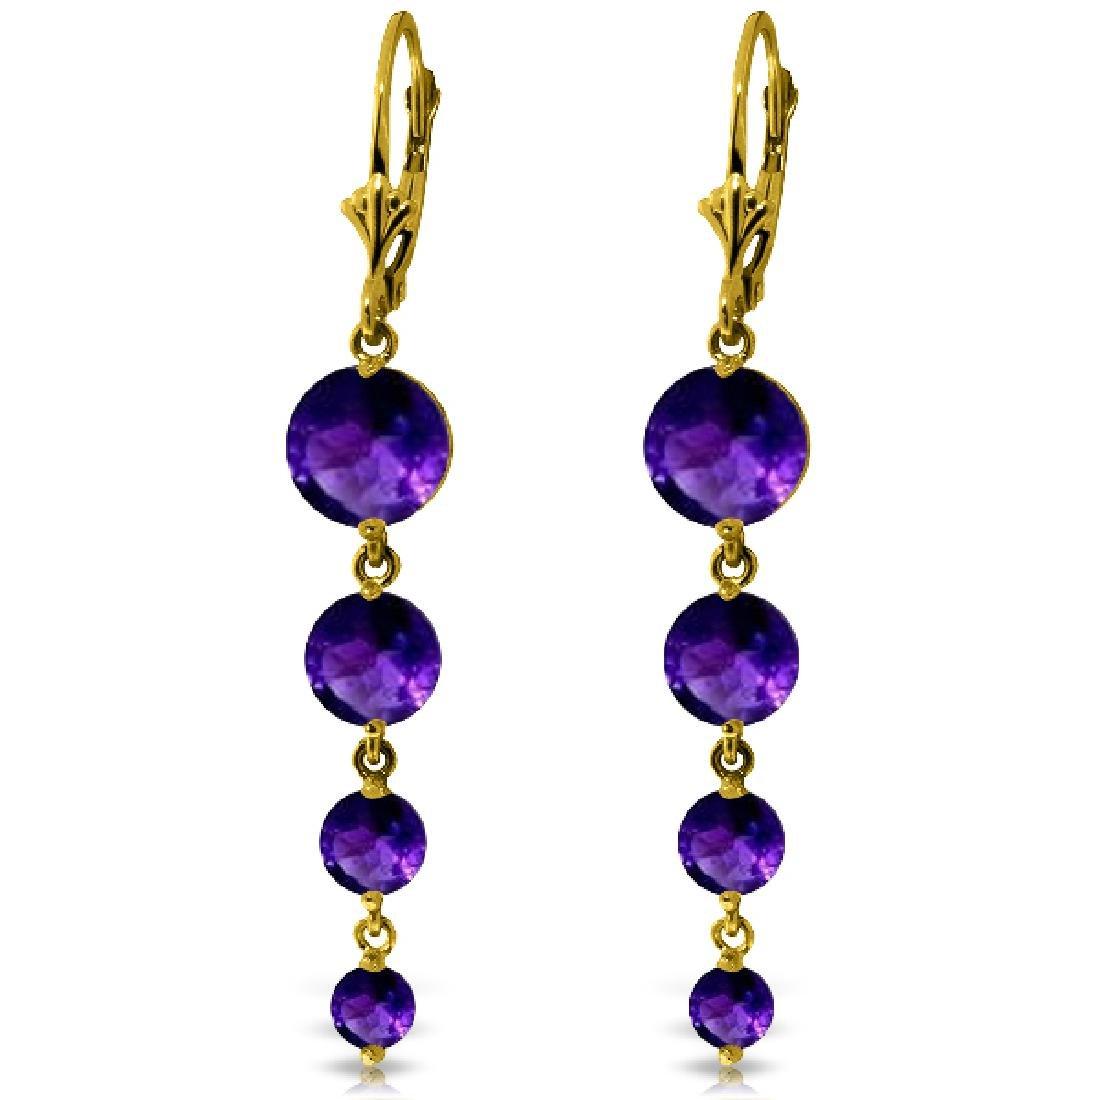 Genuine 7.8 ctw Amethyst Earrings Jewelry 14KT Yellow